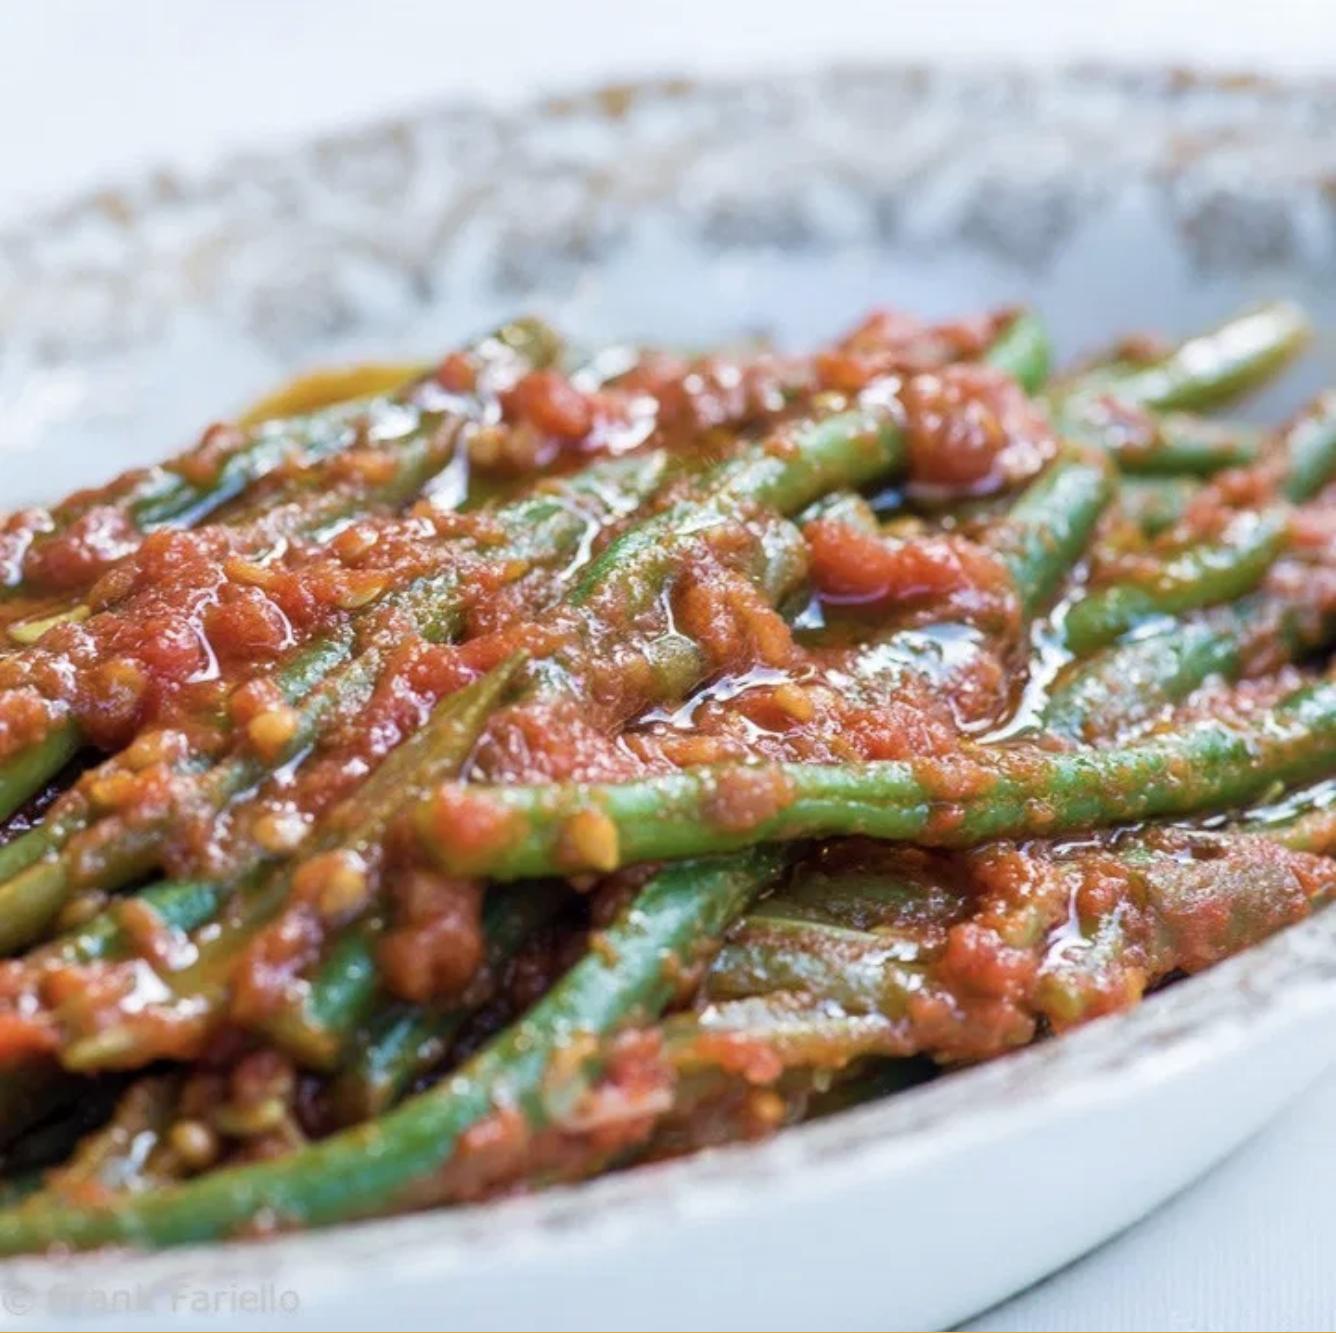 String Bean in Tomato Sauce